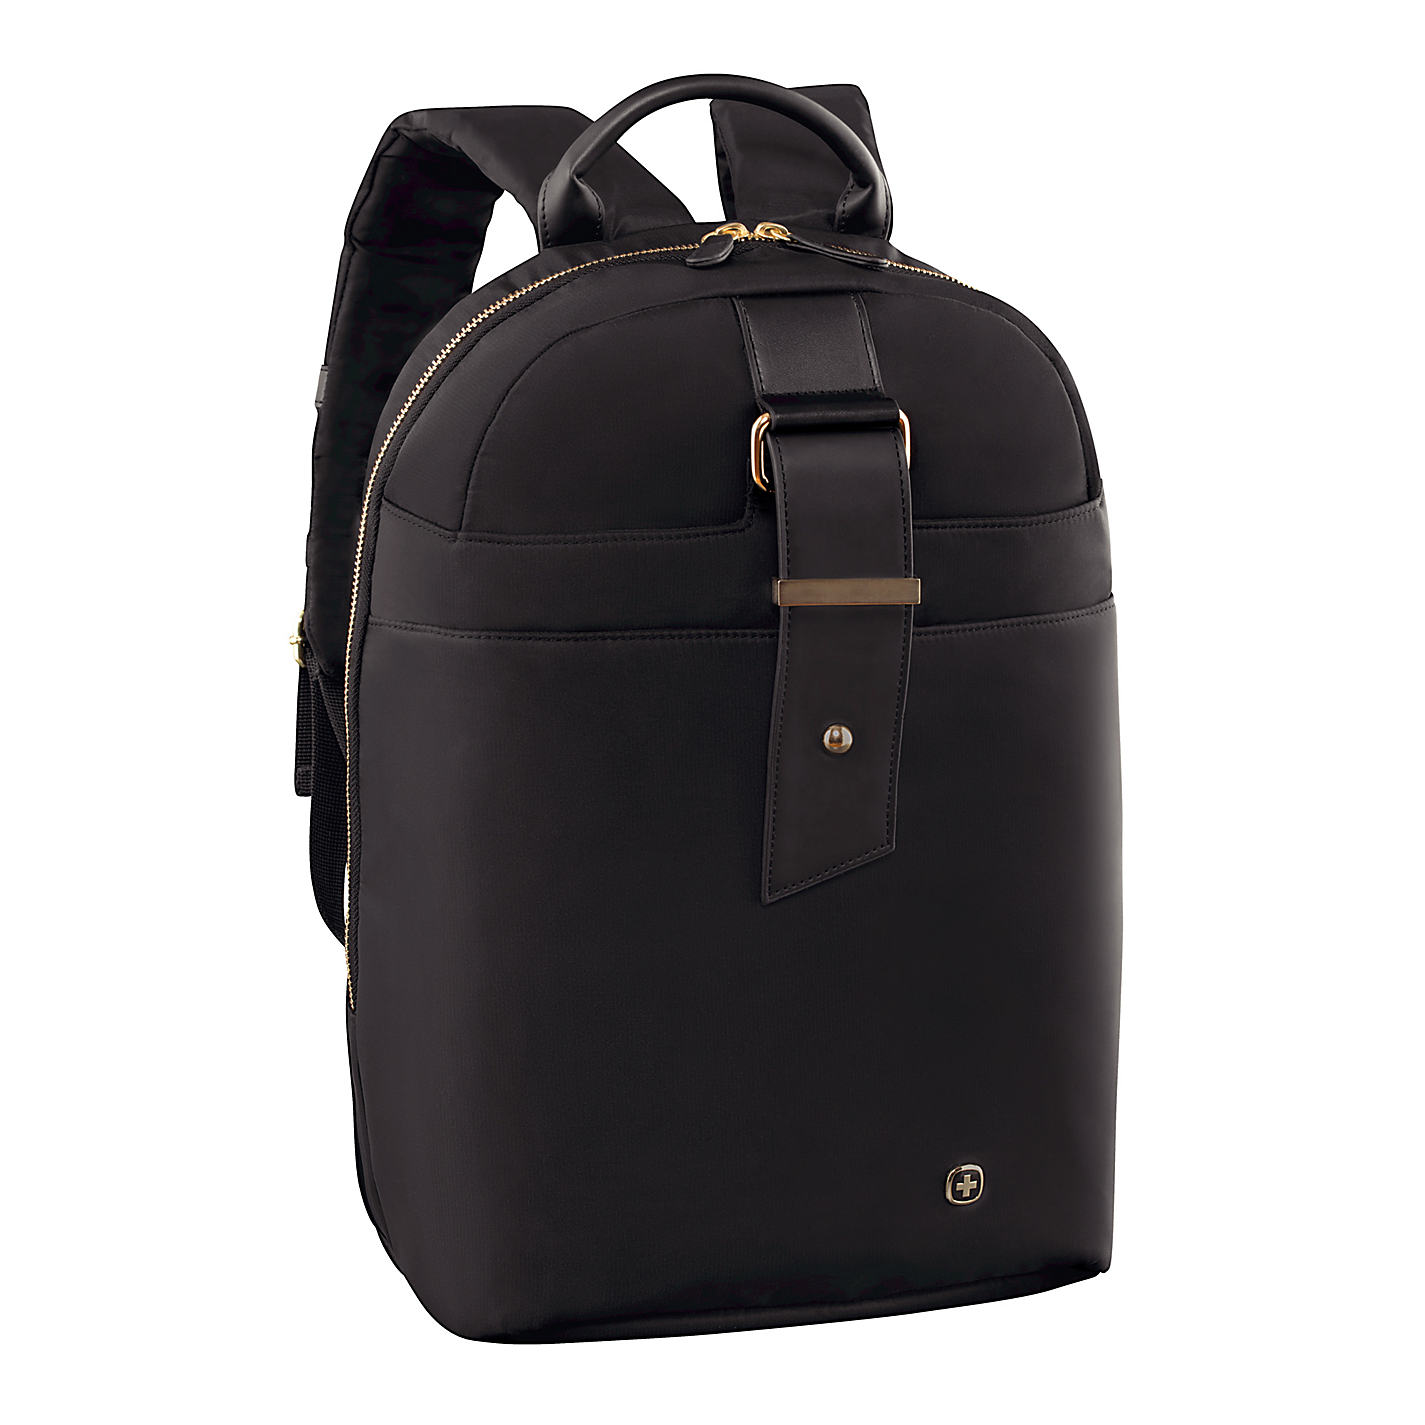 Buy Wenger Alexa 16 Laptop Backpack With Tablet Pocket Black Online At Johnlewis